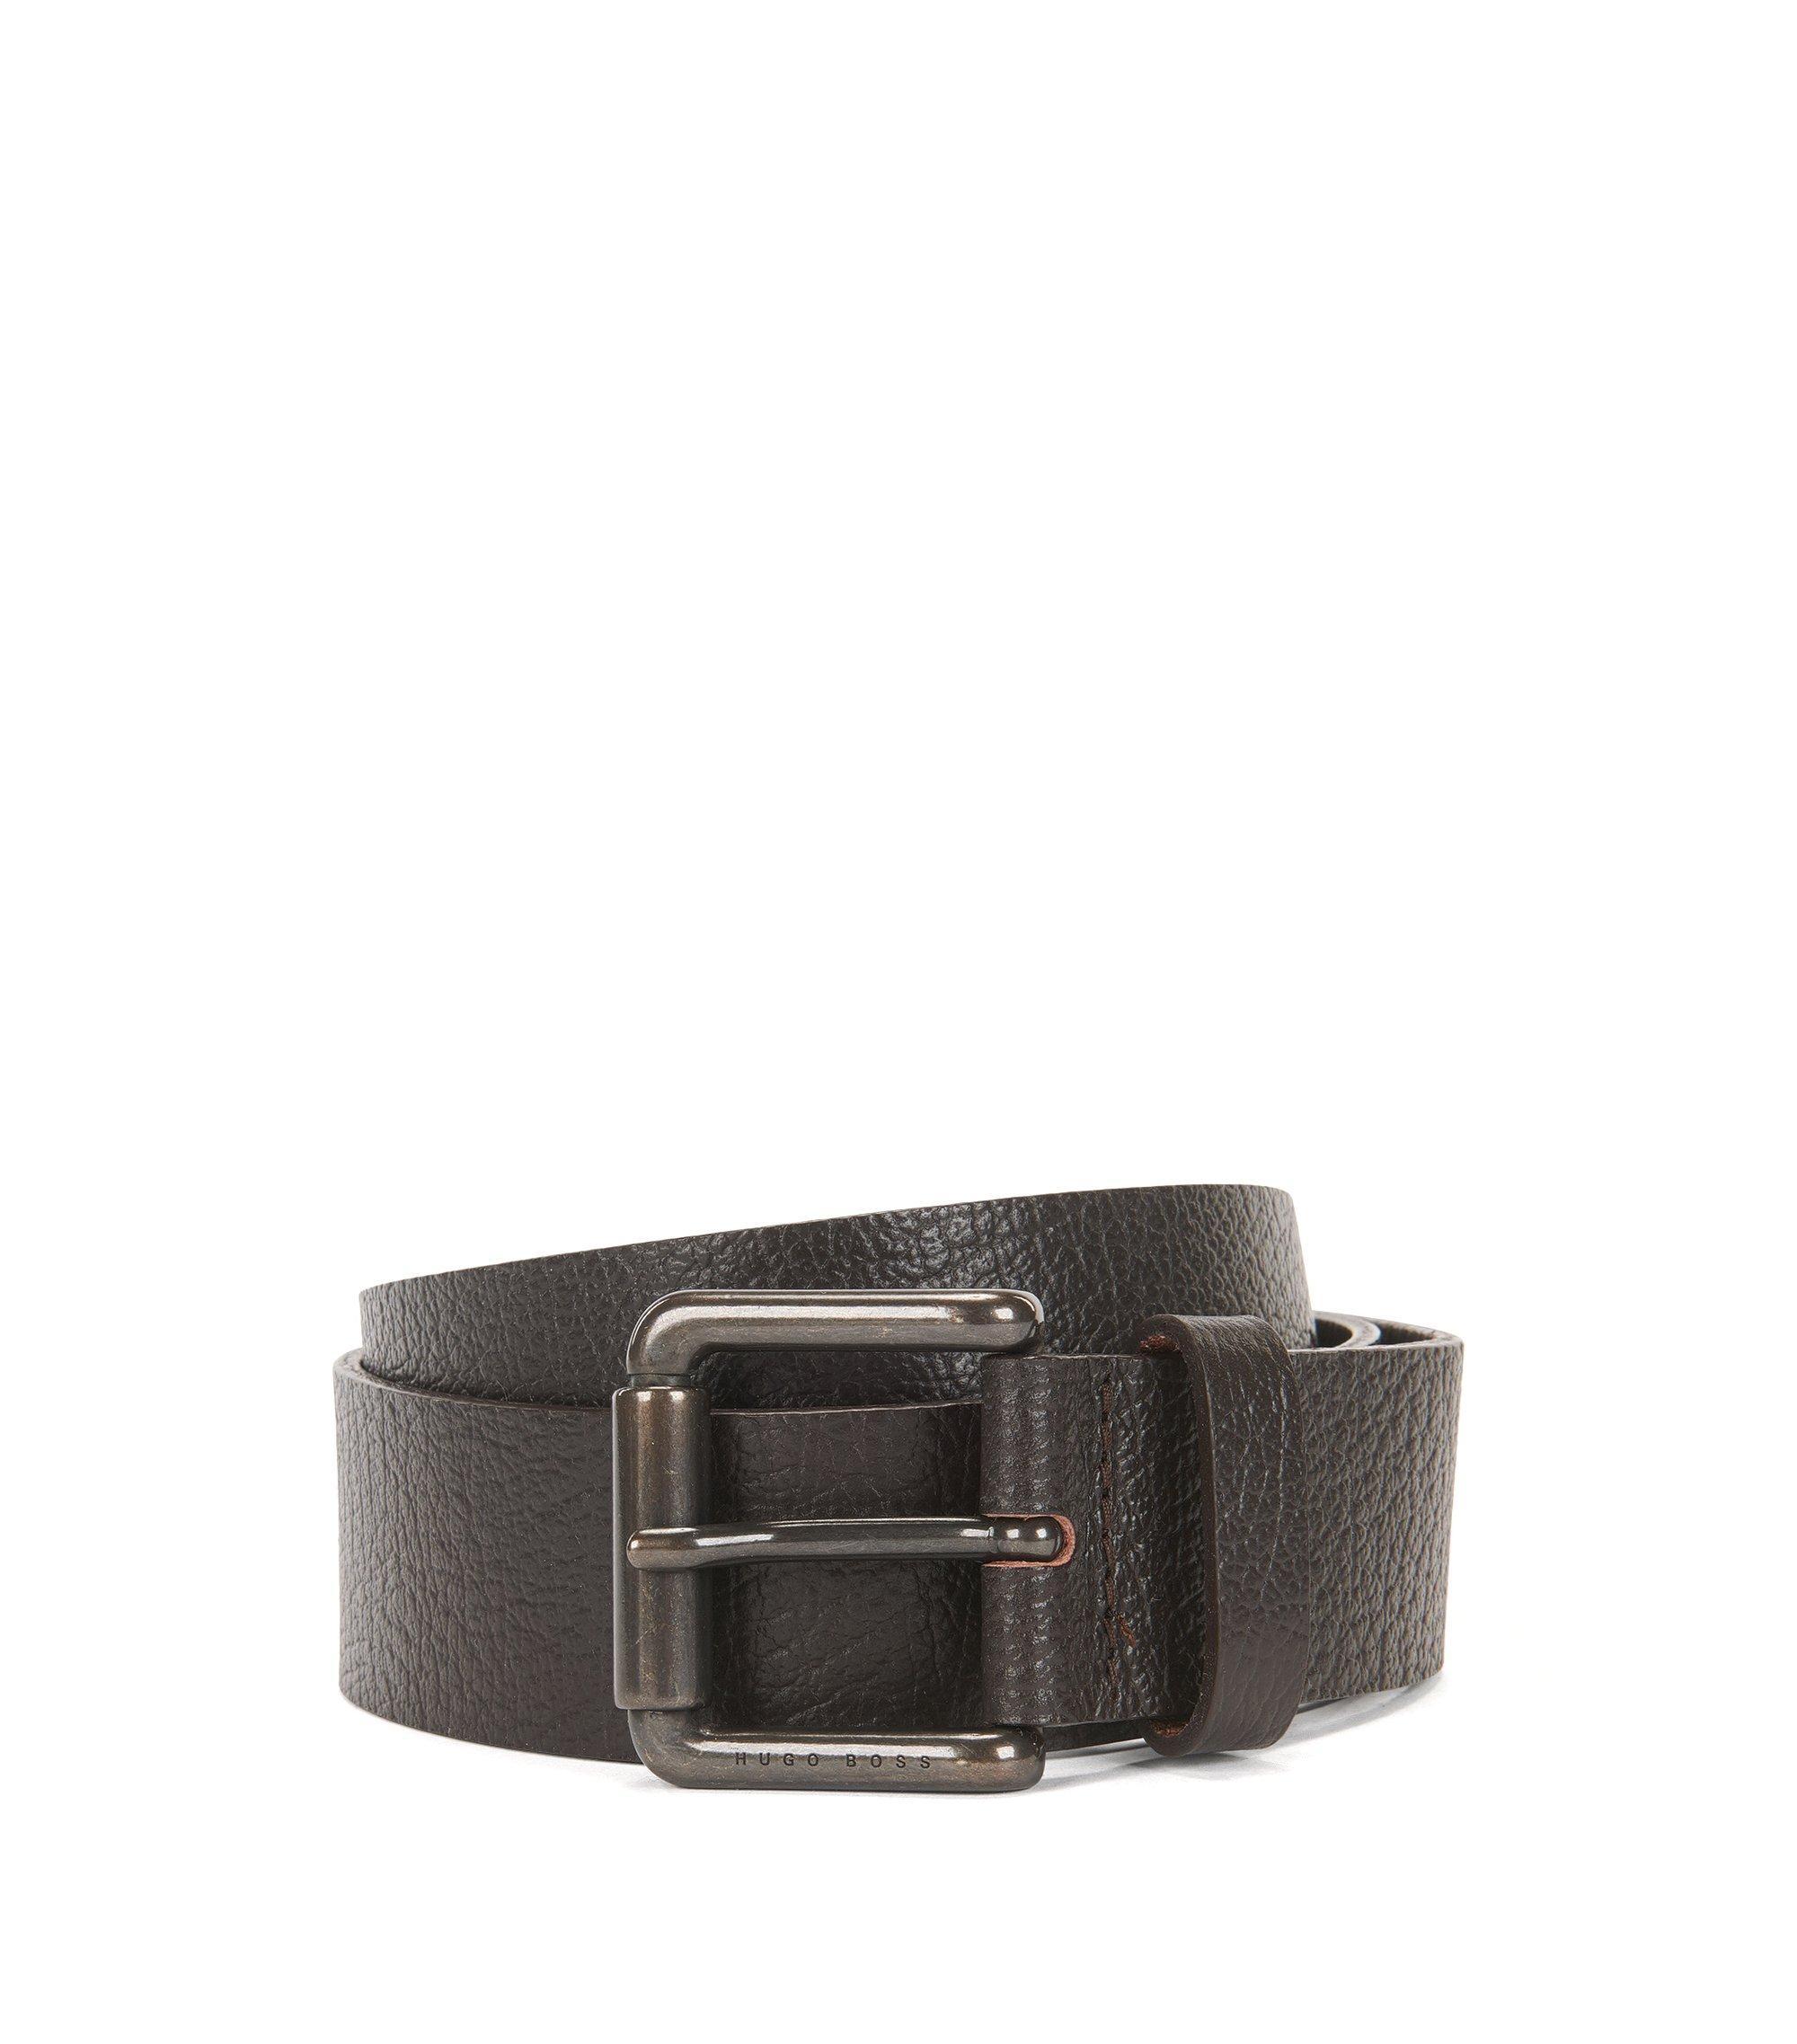 Cinturón de piel granulada con hebilla corredera de metal pesado, Marrón oscuro